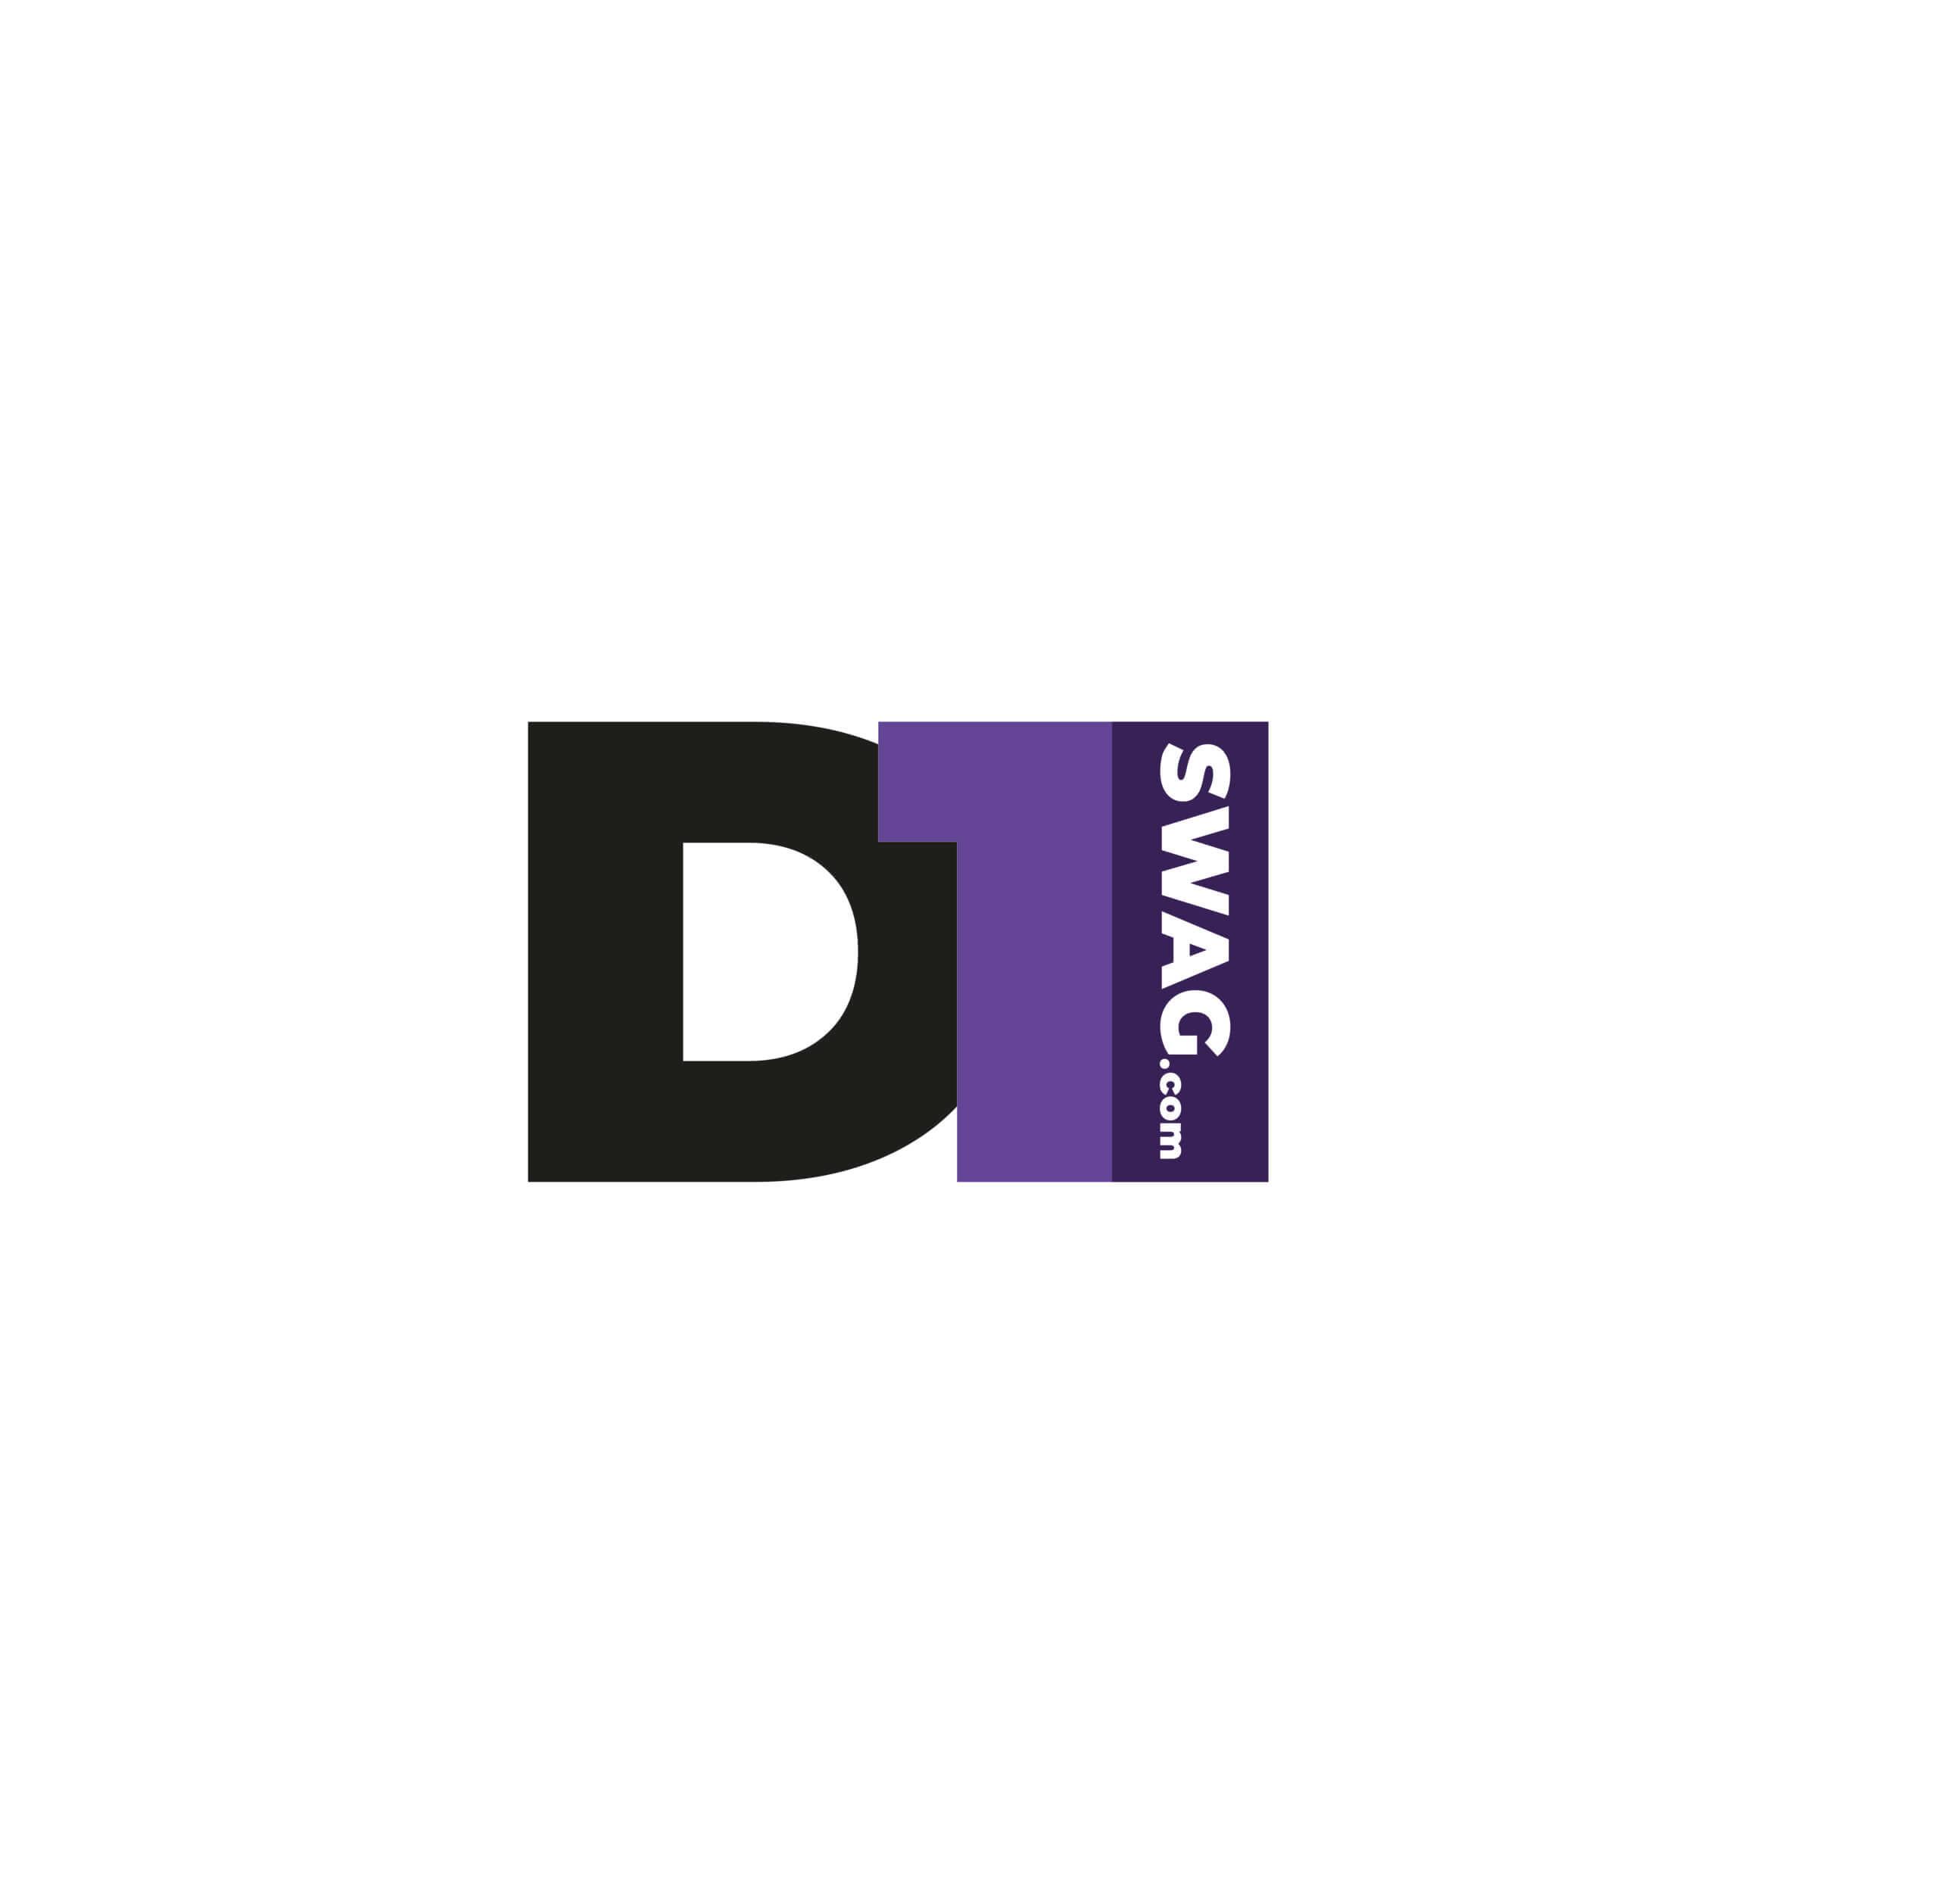 Логотип компании по производству мерча футбольных команд американских университетов - D1 Swag.com вариант №1